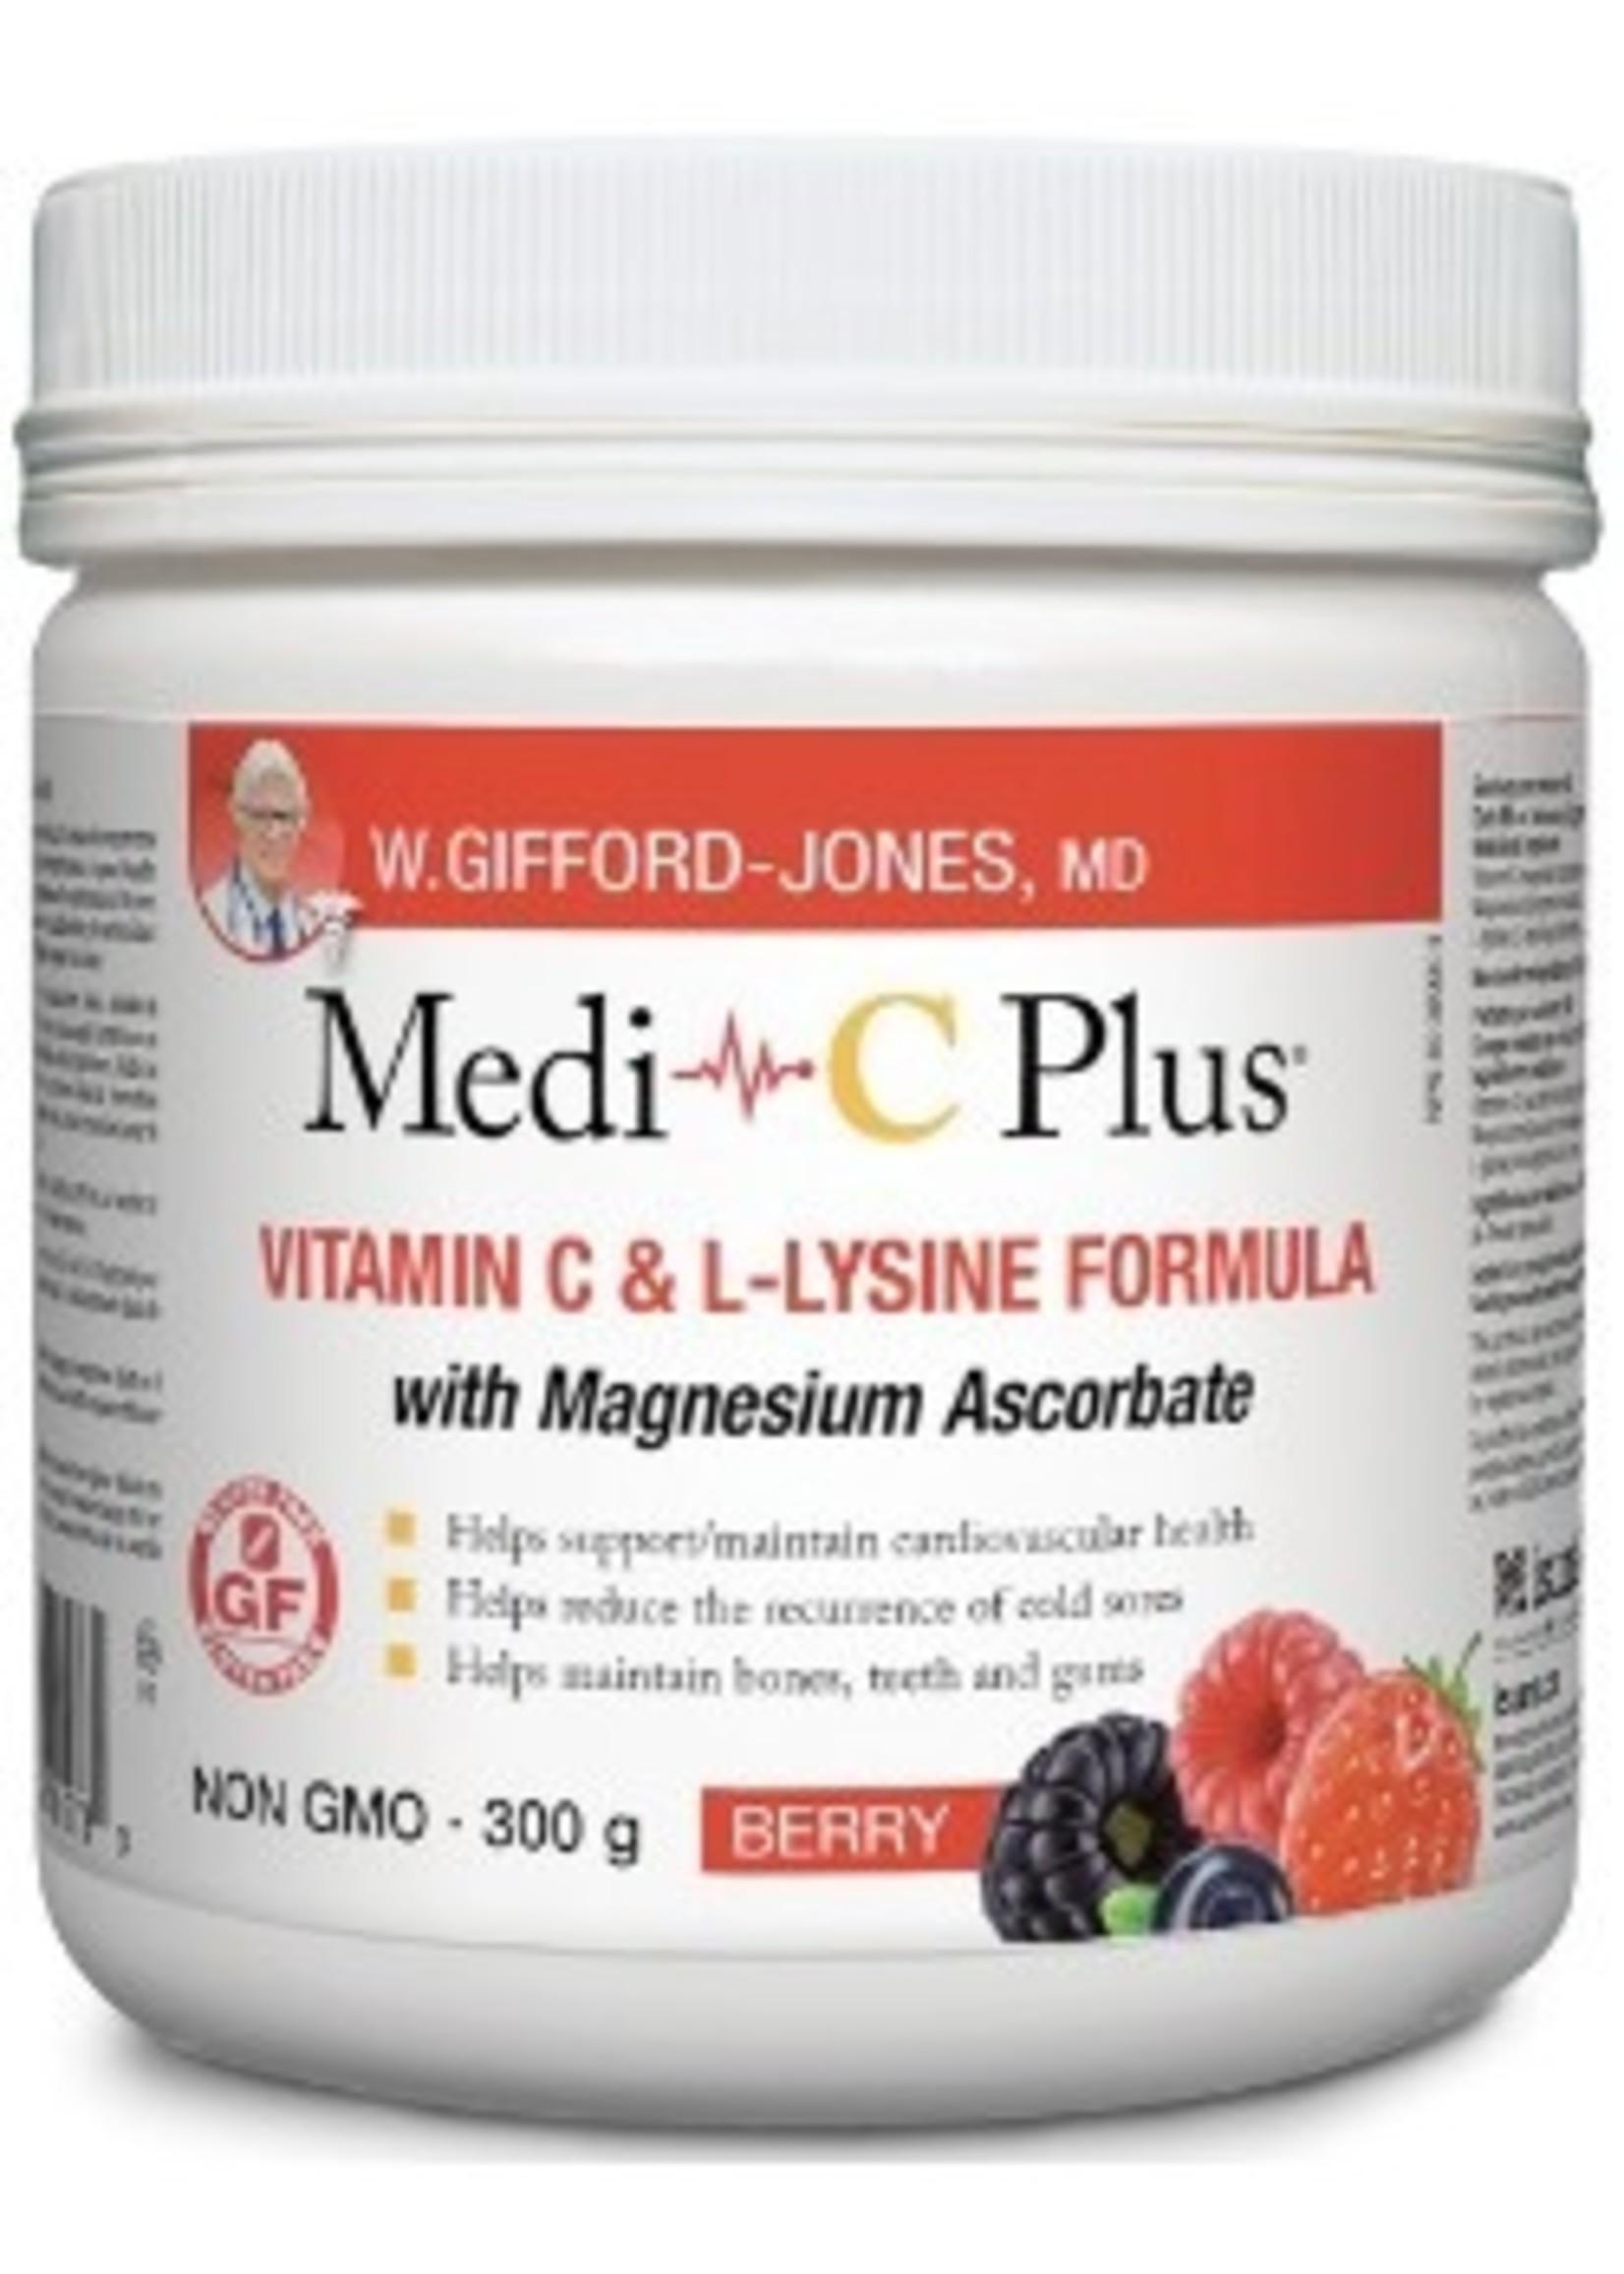 Gifford-Jones Medi~C Plus Berry w/ Calcium Pwd 300g